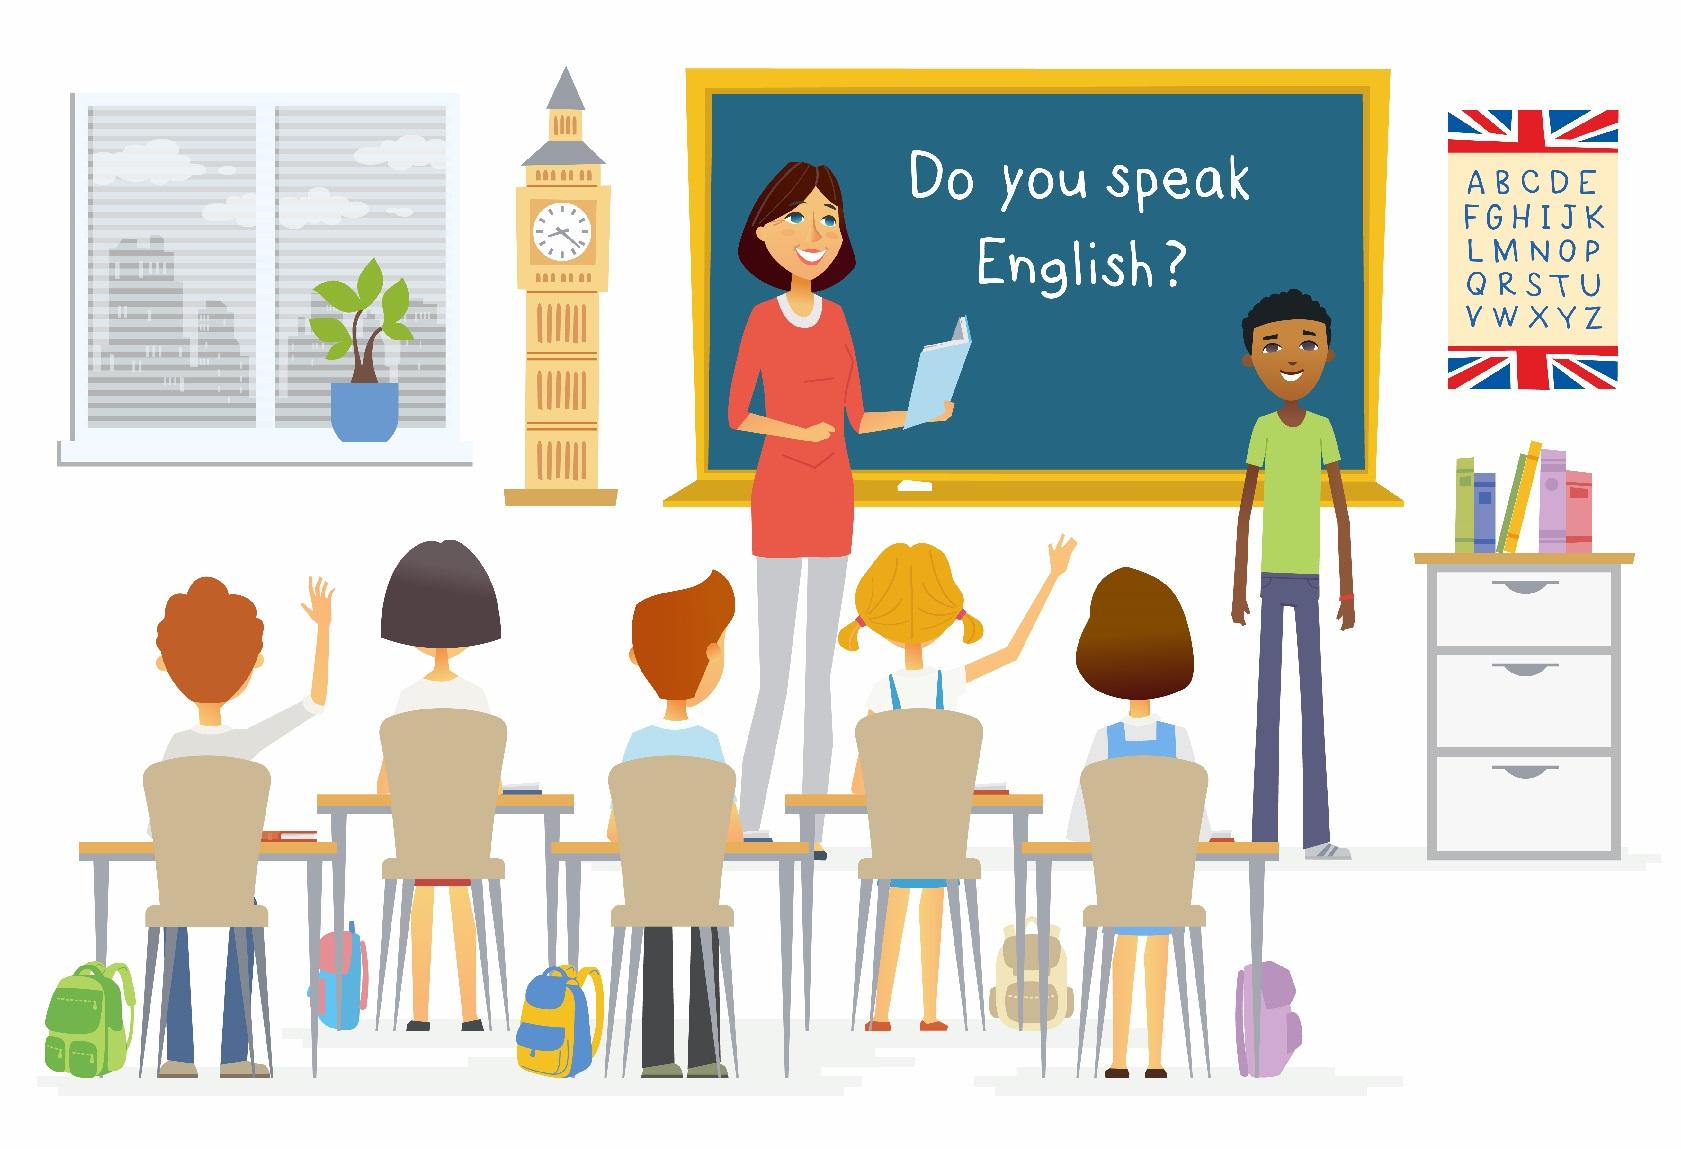 نکاتی که باید پیش از ثبت نام در یک آموزشگاه زبان بدانید | راهنمای کامل شما